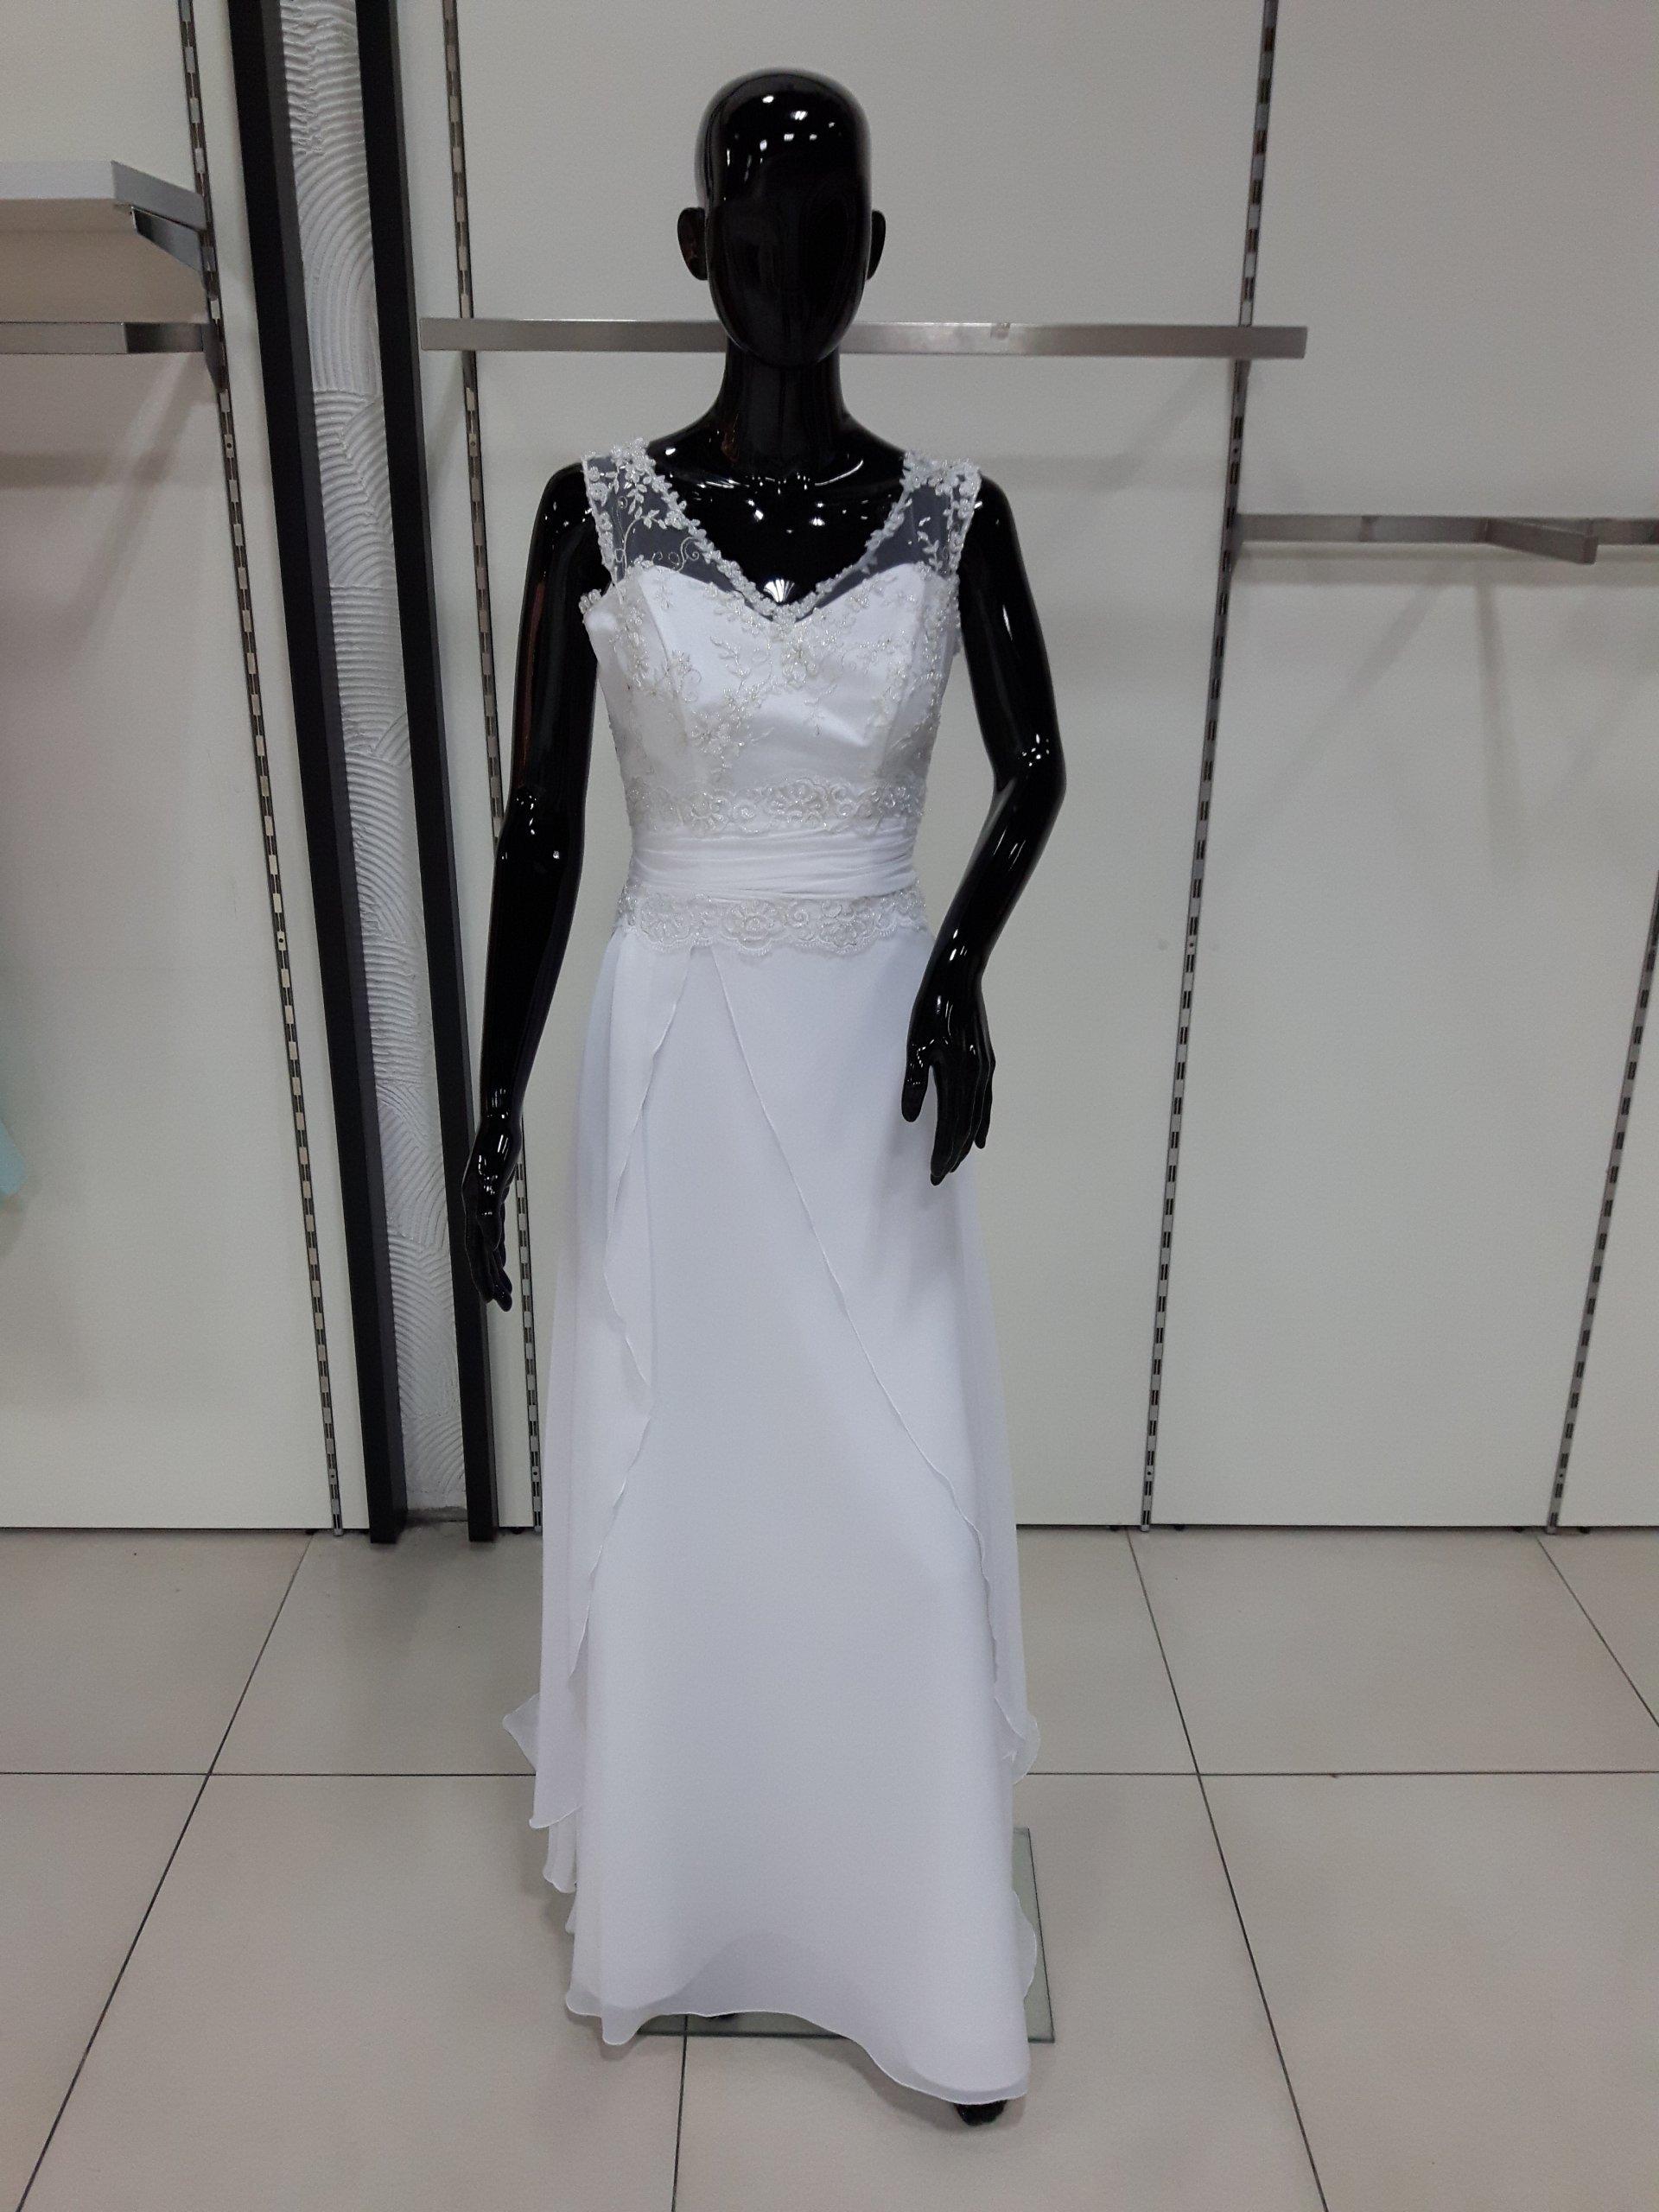 f6d96d67bb suknia ślubna rozm. 34 36 + gratisy - 7126779305 - oficjalne archiwum  allegro